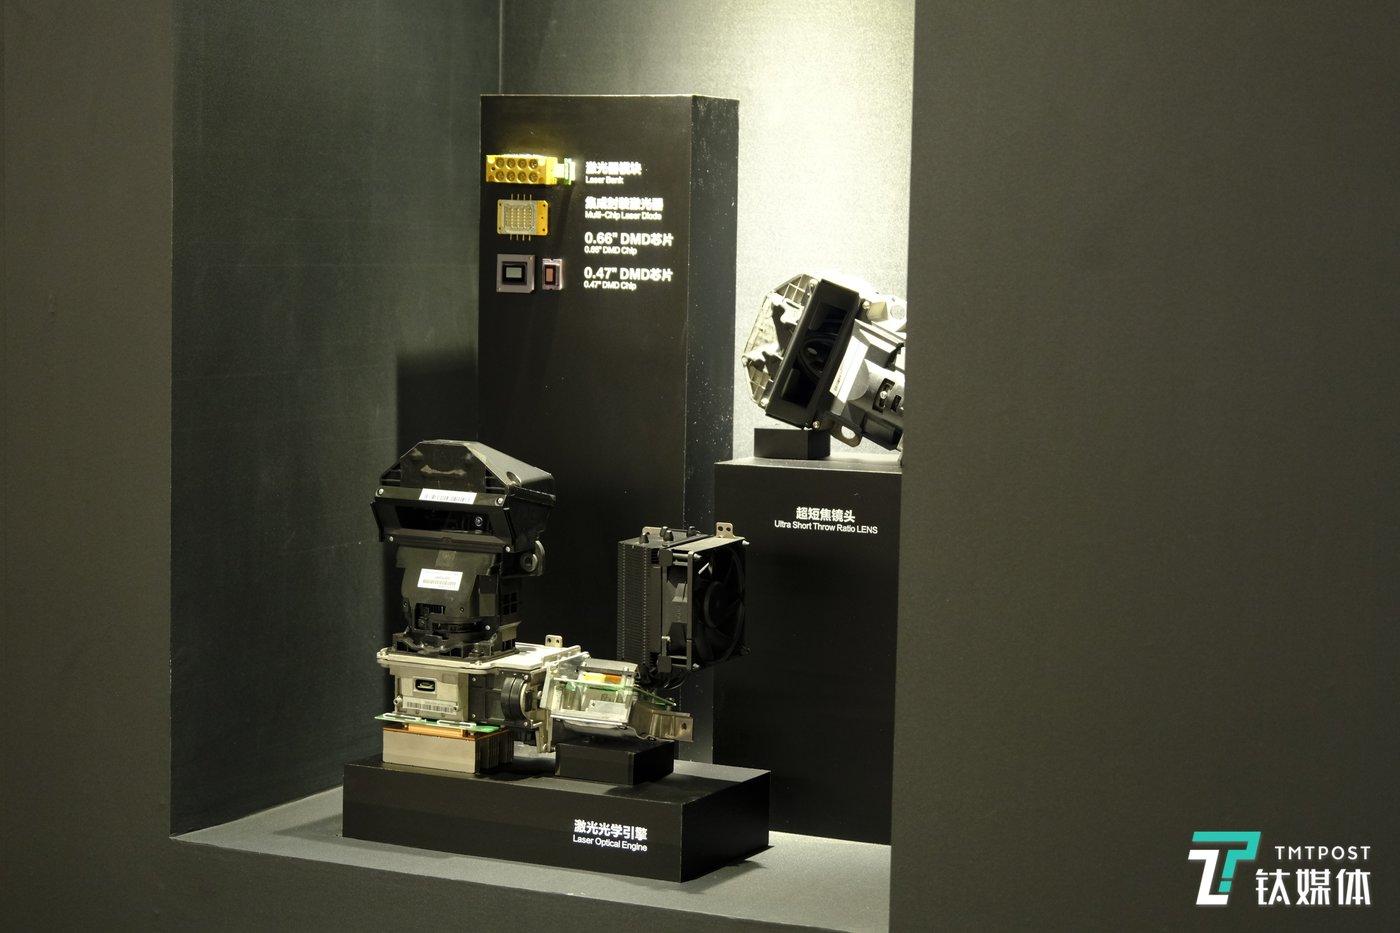 海信完成自研、自产的激光显示元器件